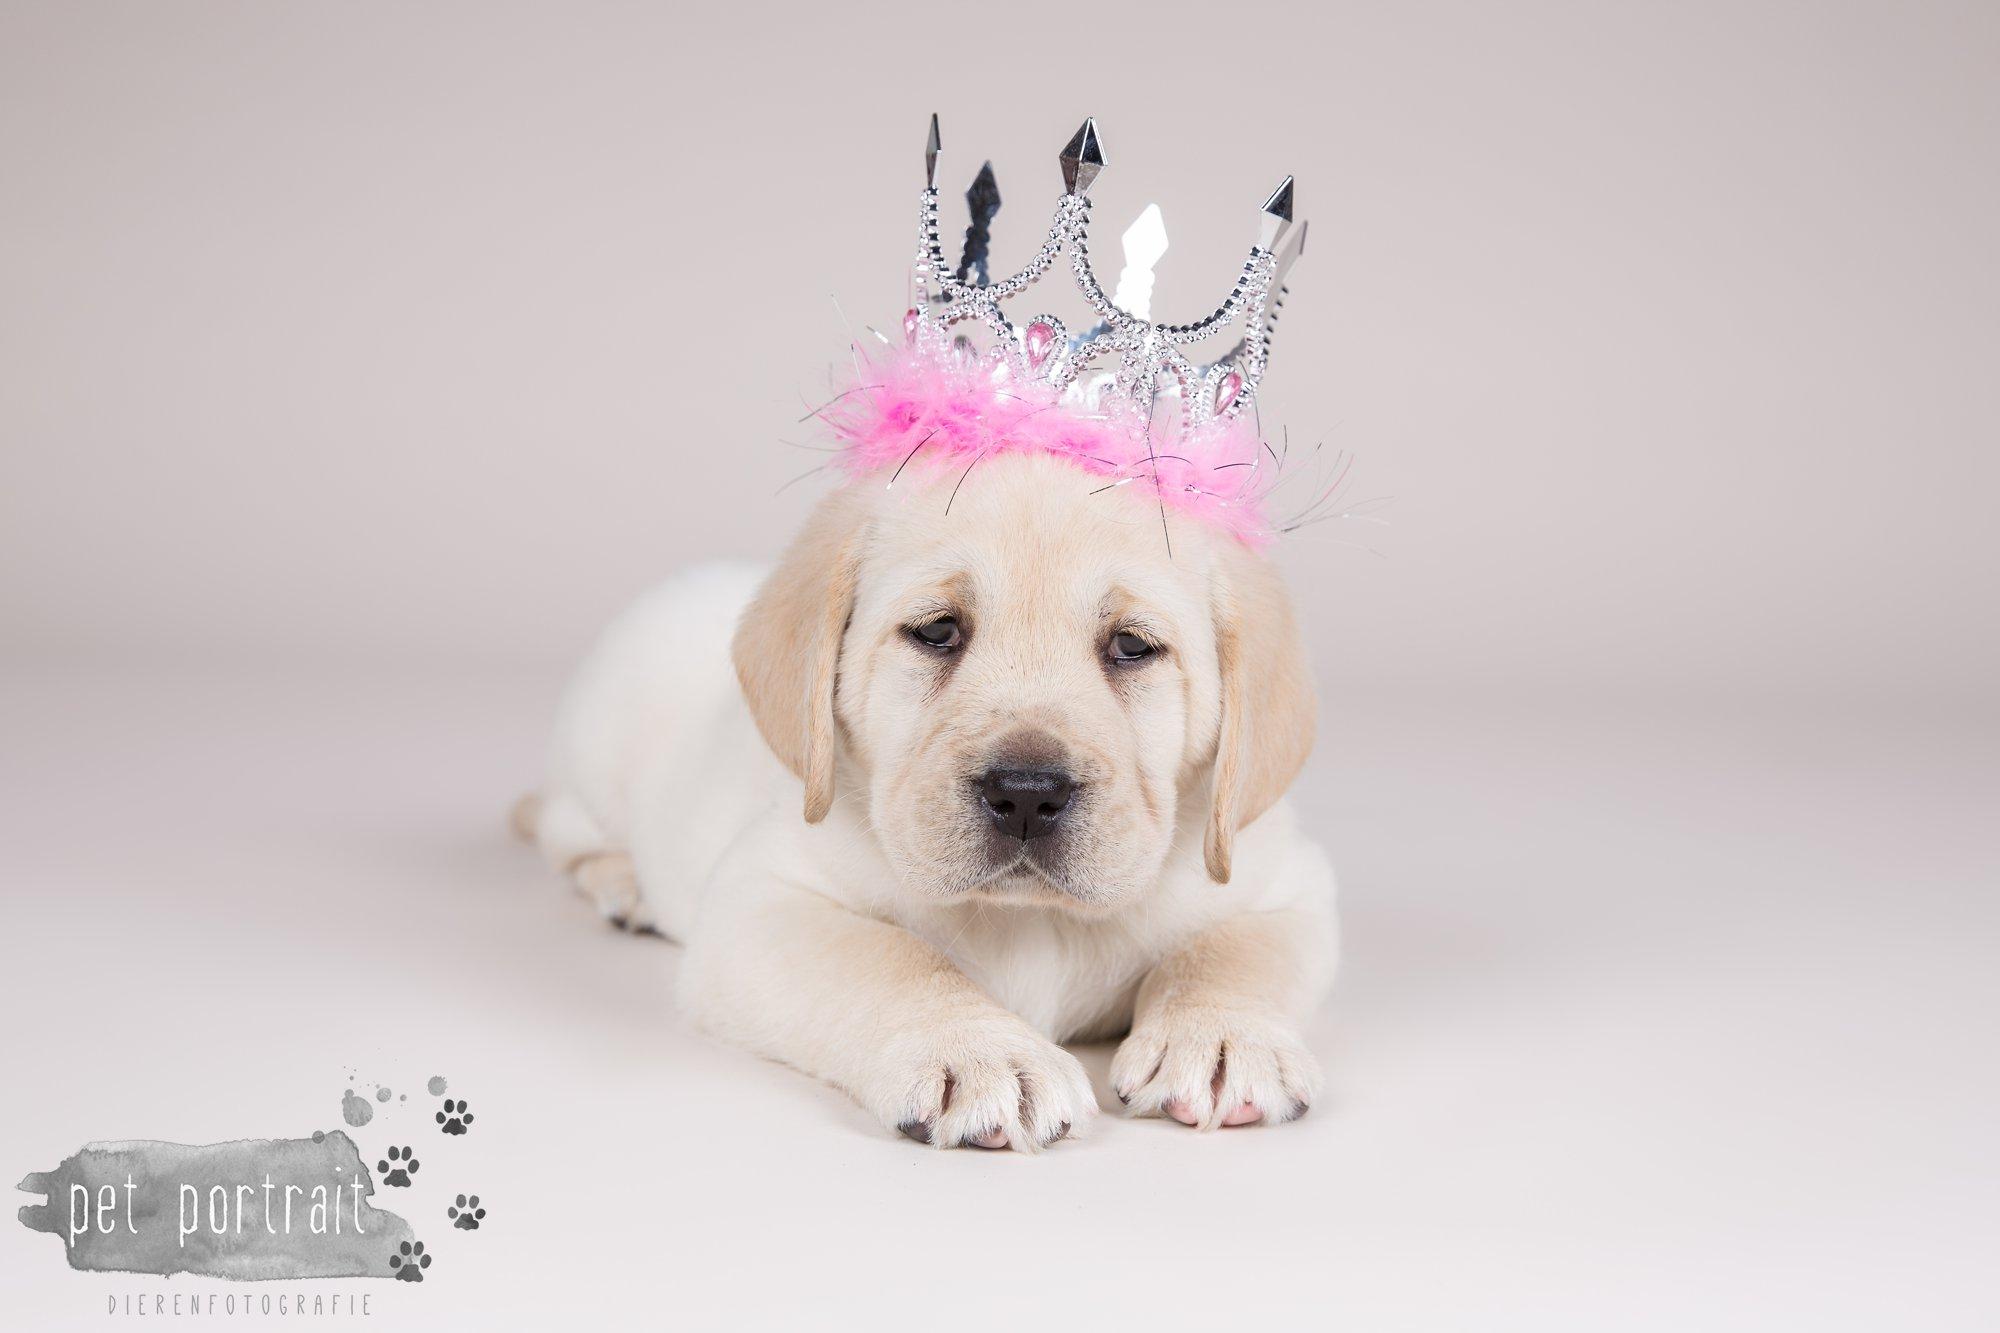 Hondenfotograaf Hillegom - Nestfotoshoot voor Labrador pups-5